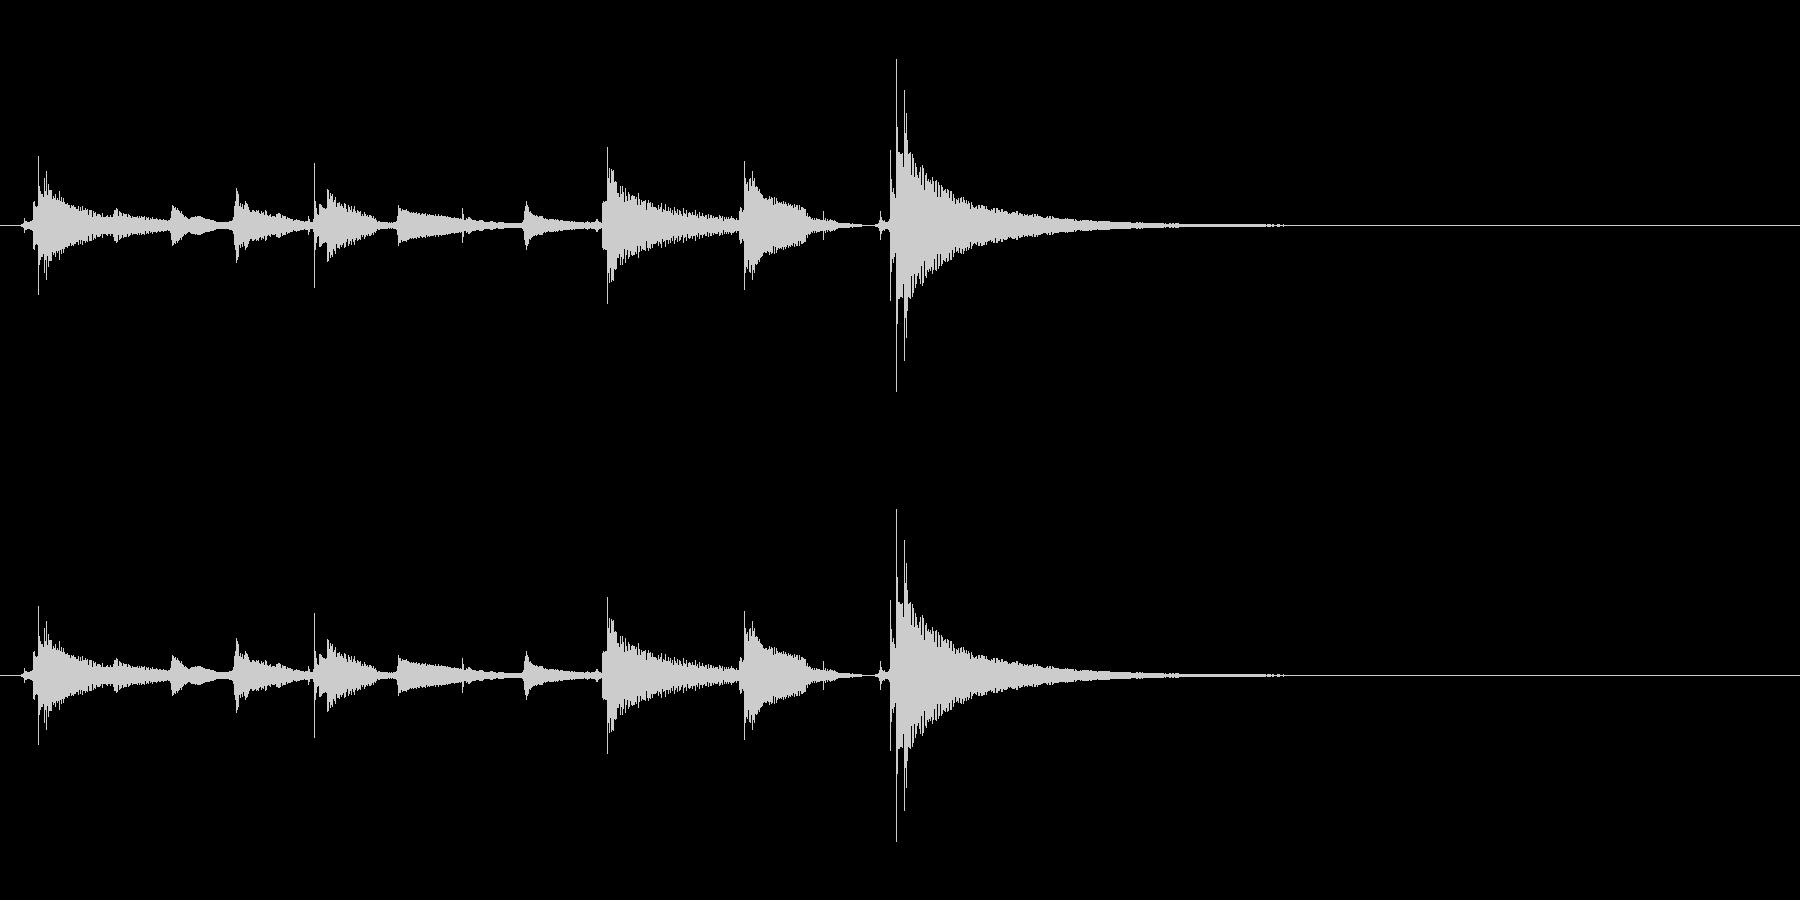 【生音】ウクレレでチャラチャラーチャラの未再生の波形